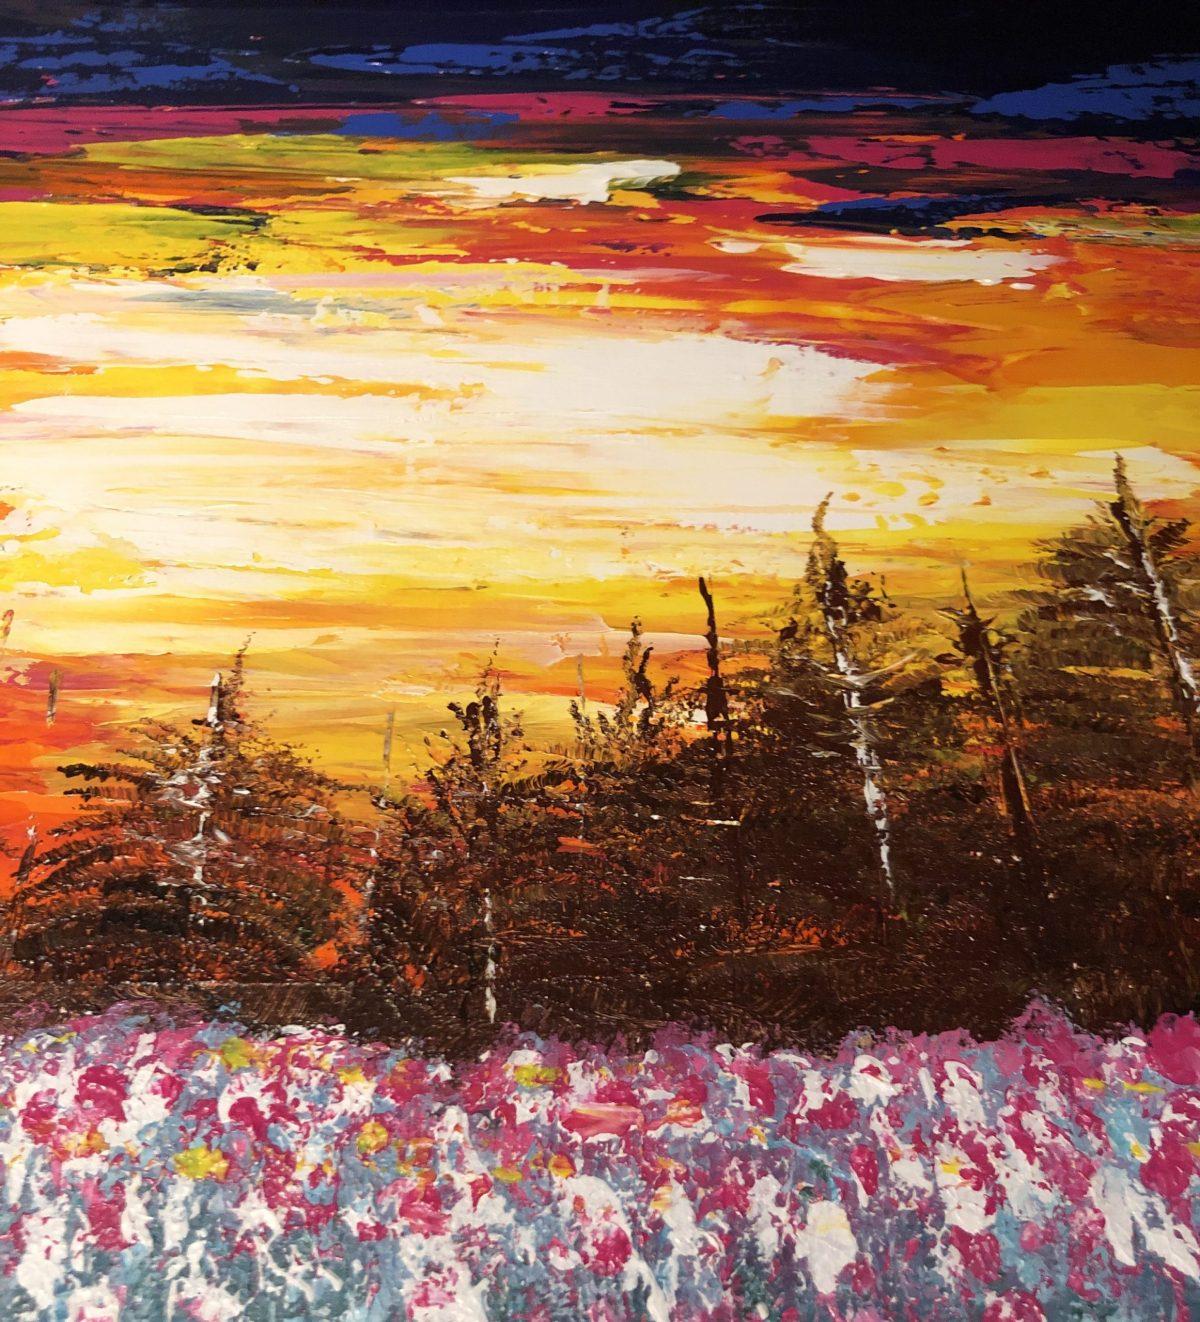 Coucher de soleil sur le champ fleuri, côté droite de tableau